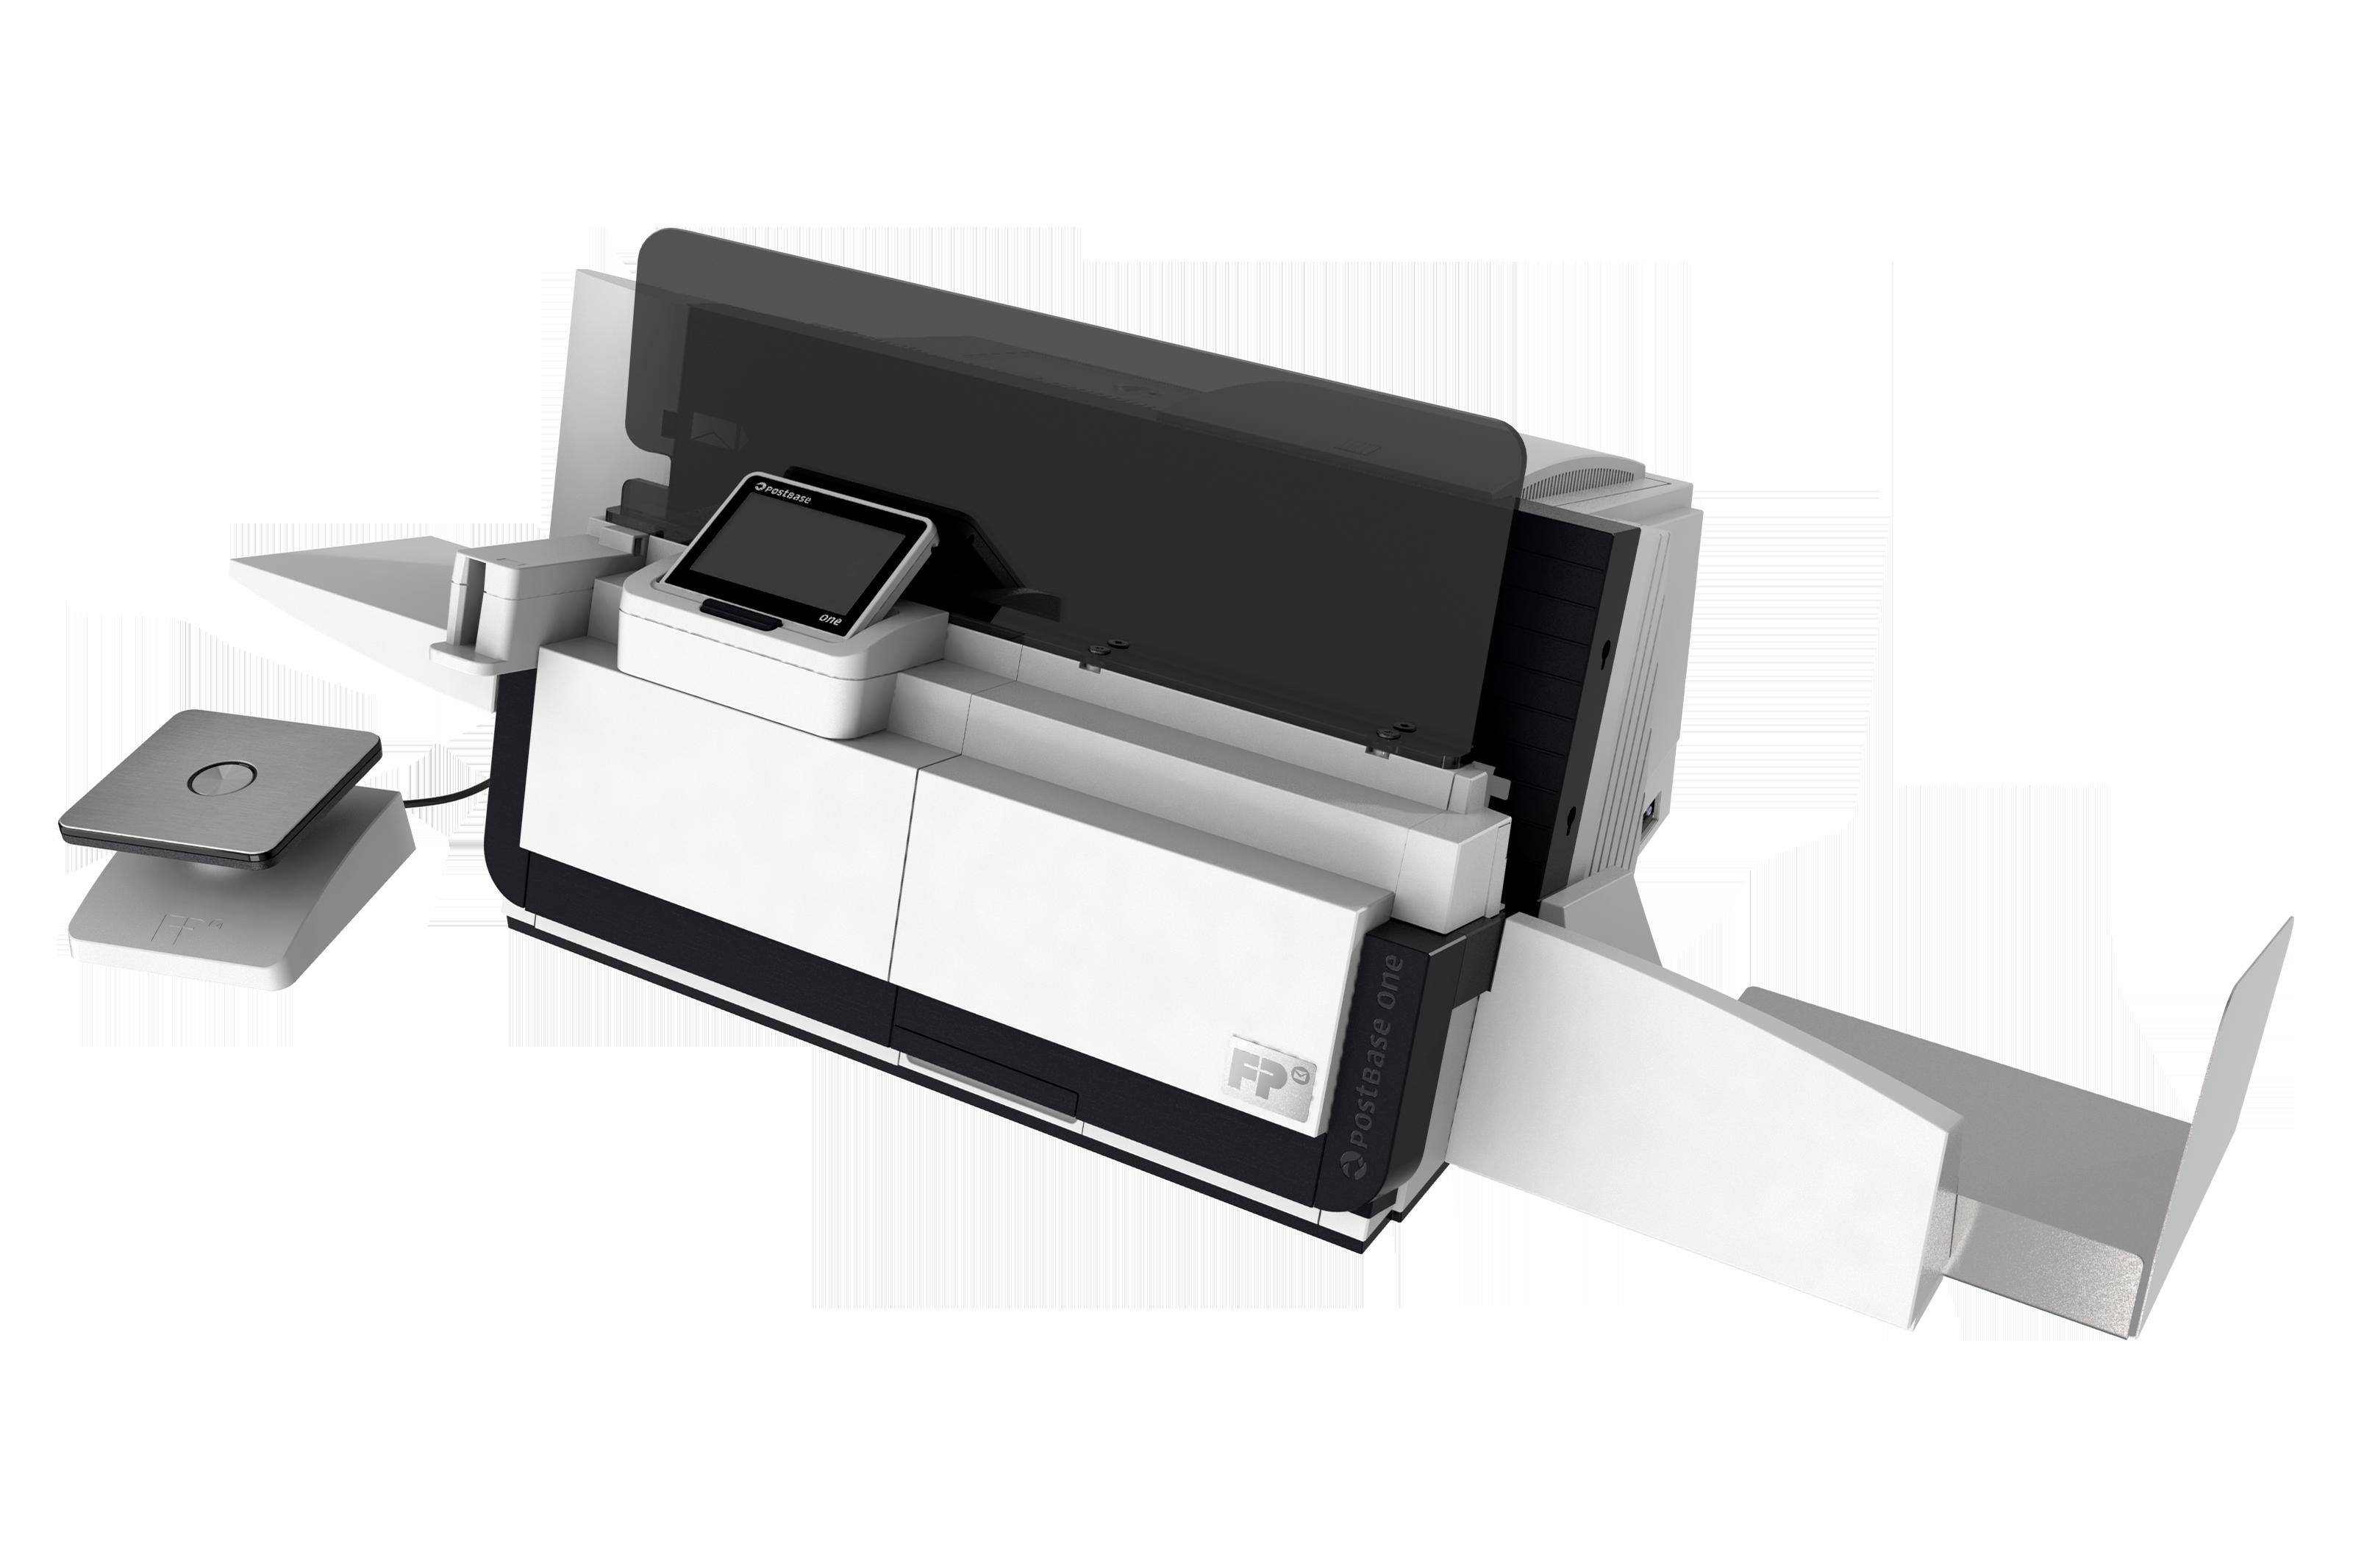 Für Francotyp Postalia entwickelte die Constin GmbH die Postbase One.